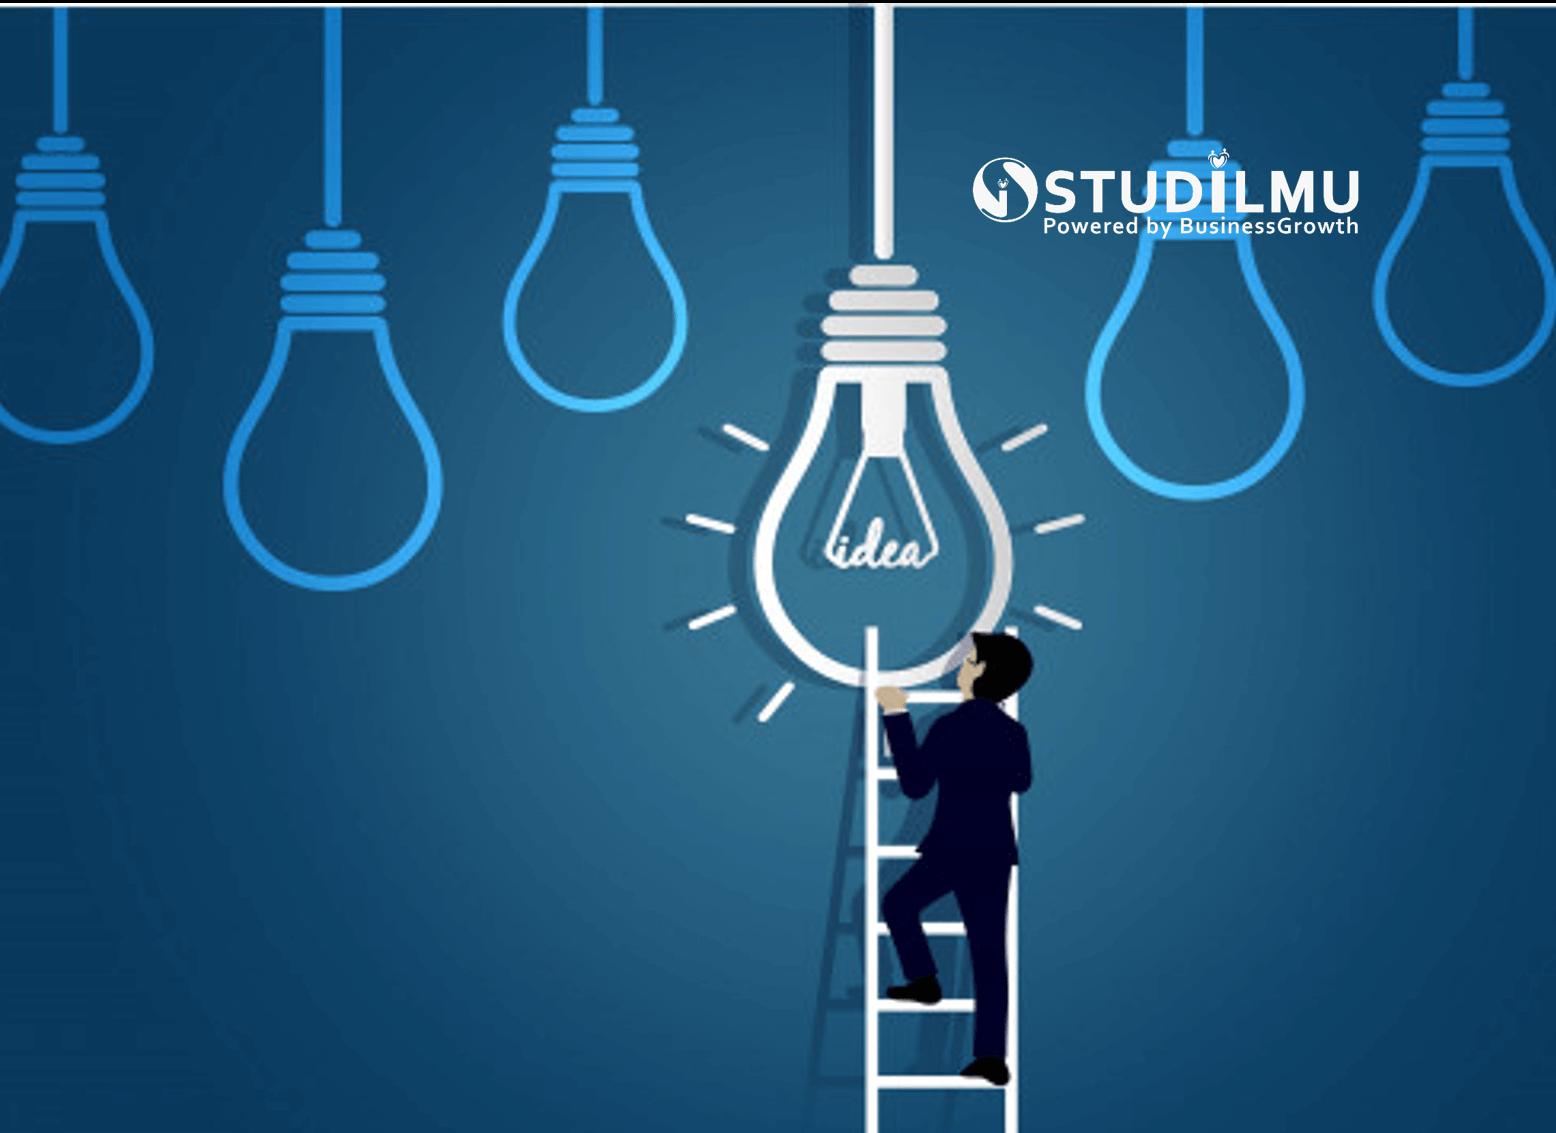 STUDILMU Career Advice - 11 Cara Memiliki Pola Pikir untuk Berani Memulai Bisnis